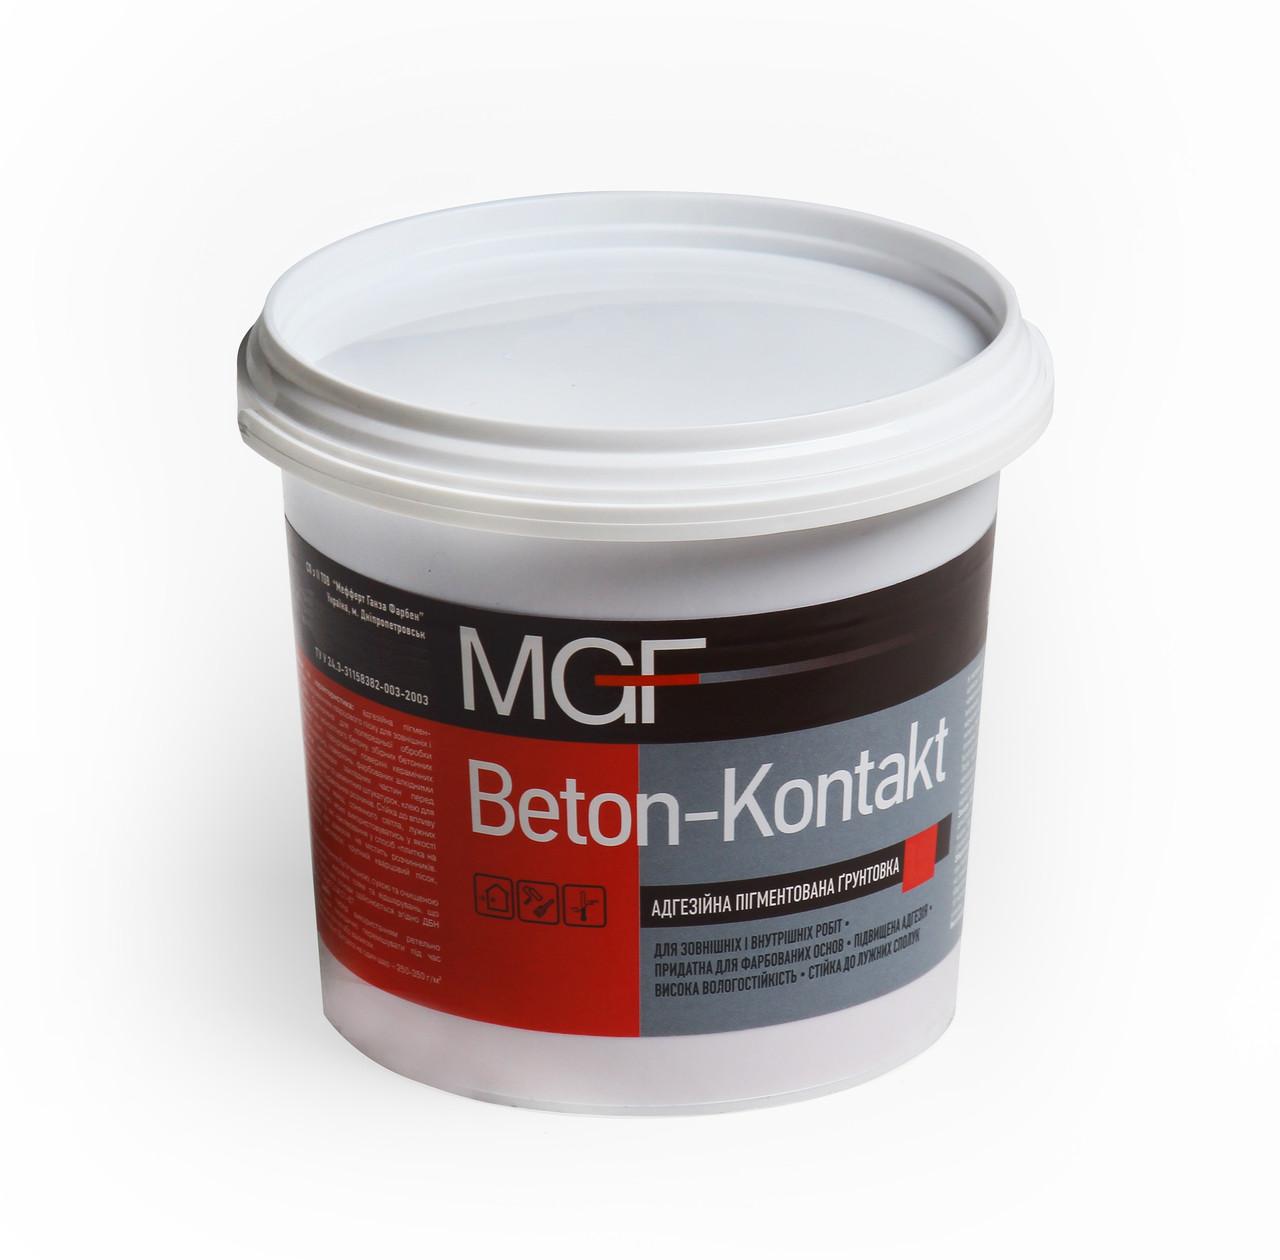 Пігментна ґрунтовка Mgf Бетон-контакт 1.4 кг